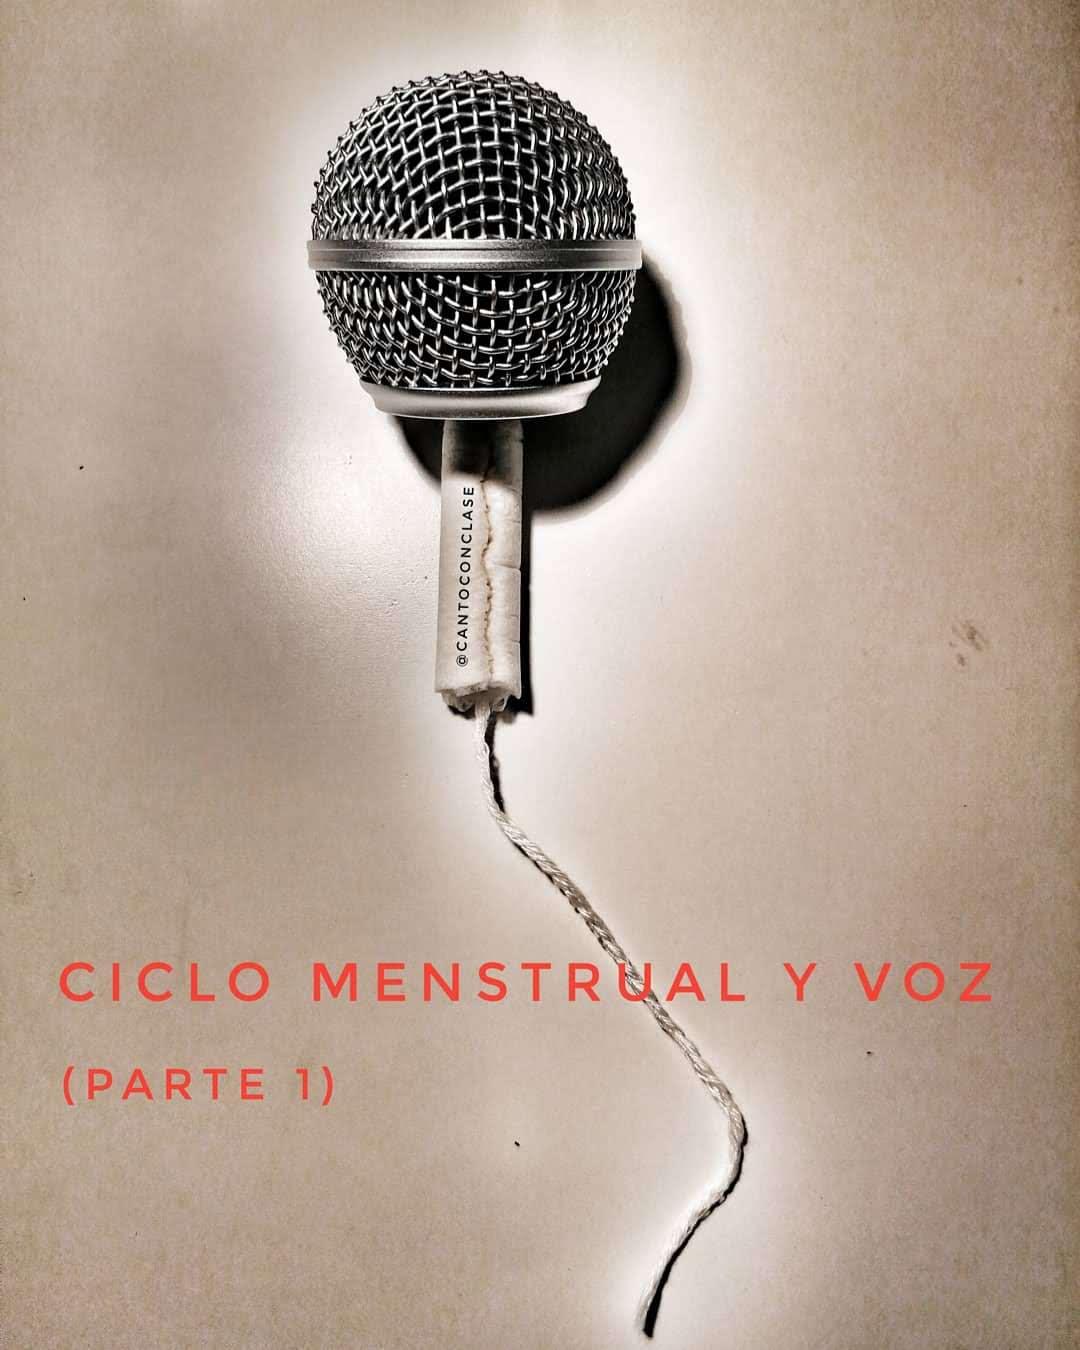 Ciclo menstrual y voz (parte1)